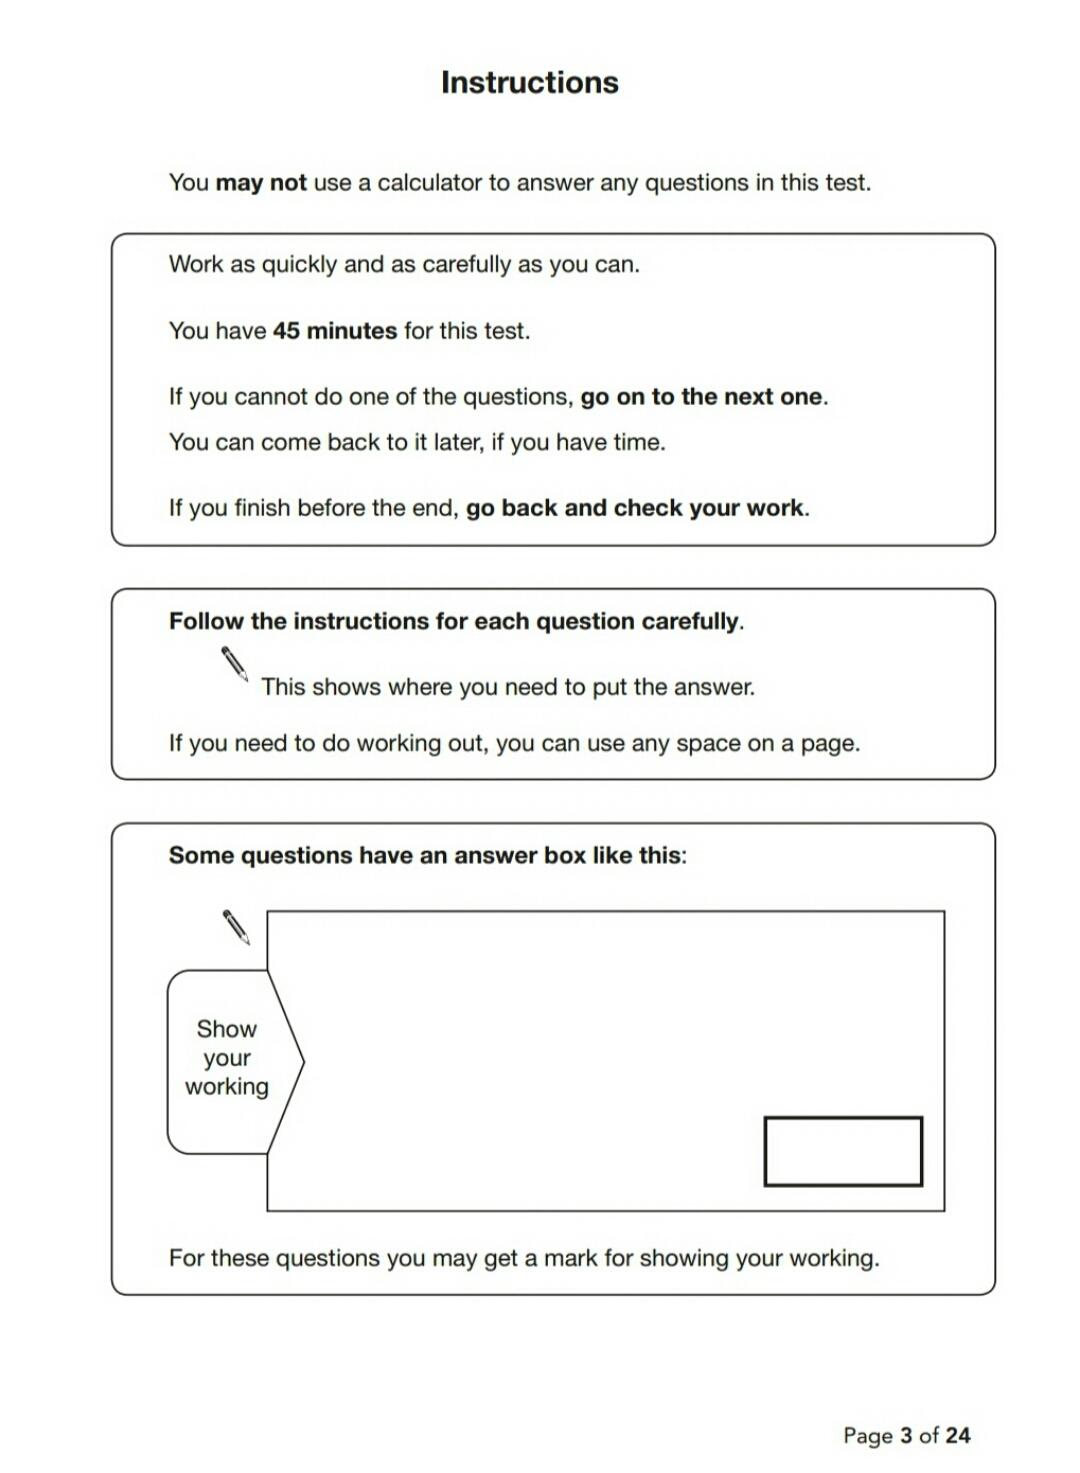 Soalan Peperiksaan Awal Tahun Bahasa Inggeris Tahun 4 Penting Muat Turun Koleksi soalan Matematik Versi Bahasa Inggeris Cikgu Share Of Senarai Peperiksaan Awal Tahun Bahasa Inggeris Tahun 4 Yang Bermanfaat Khas Untuk Para Ibubapa Lihat!